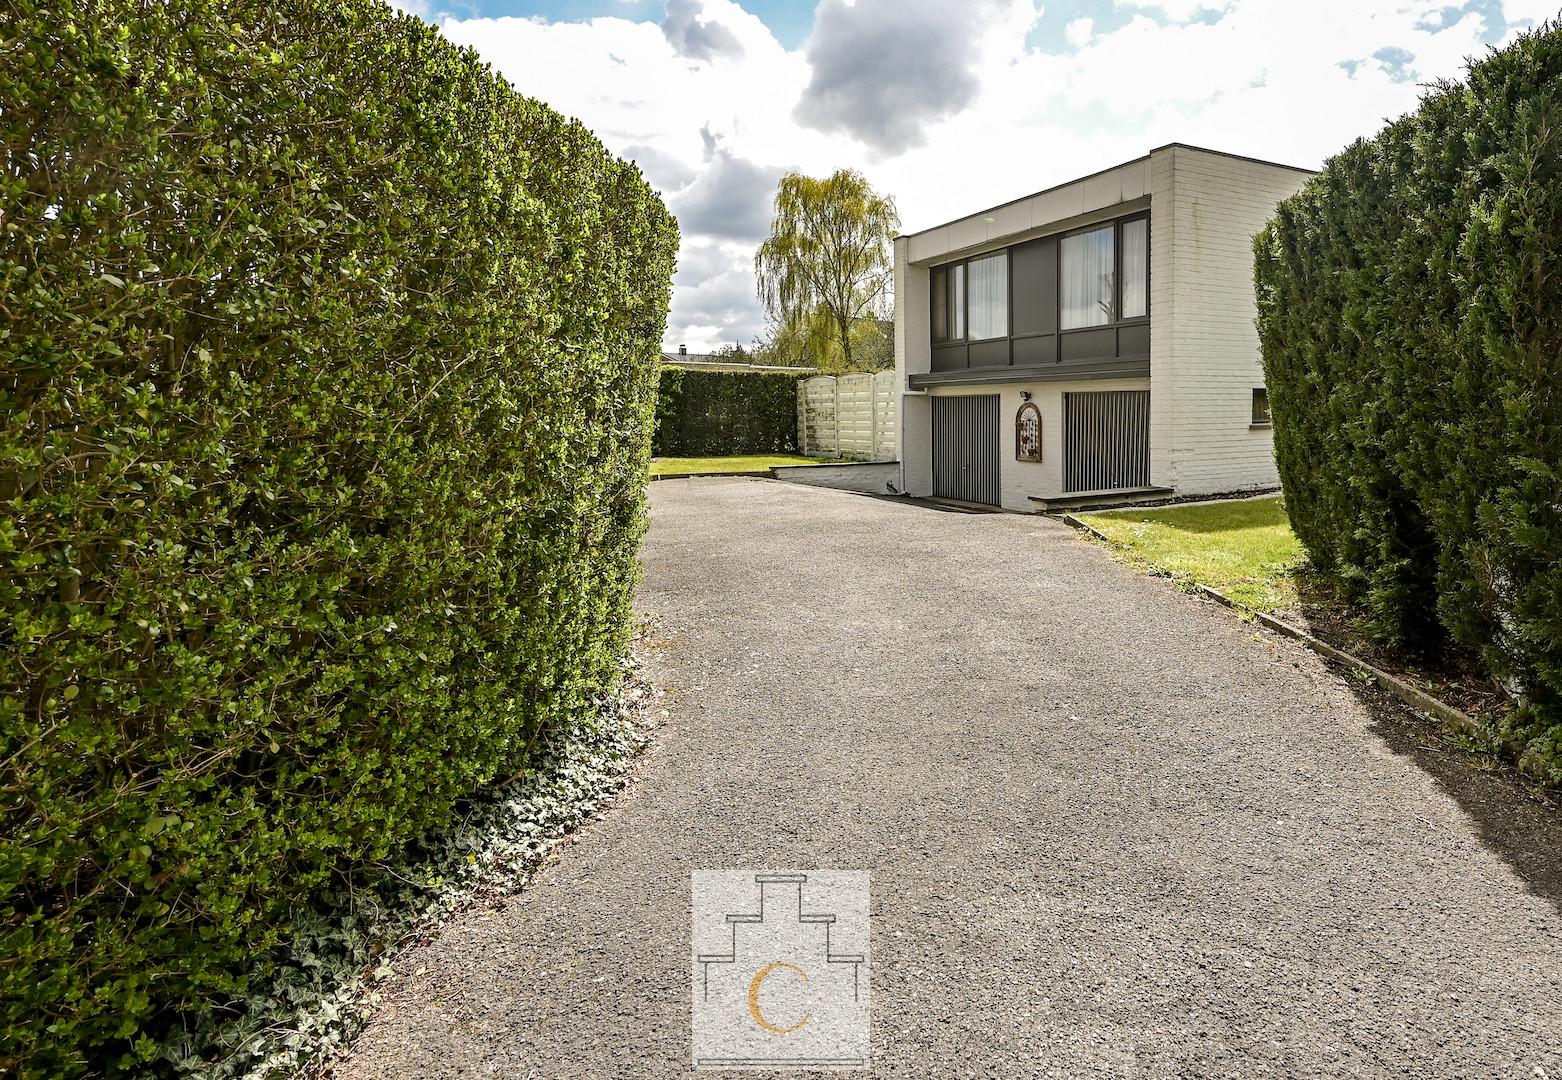 Villa in modernistische stijl met dubbele garage en perfect georiënteerde tuin, zeer rustige ligging